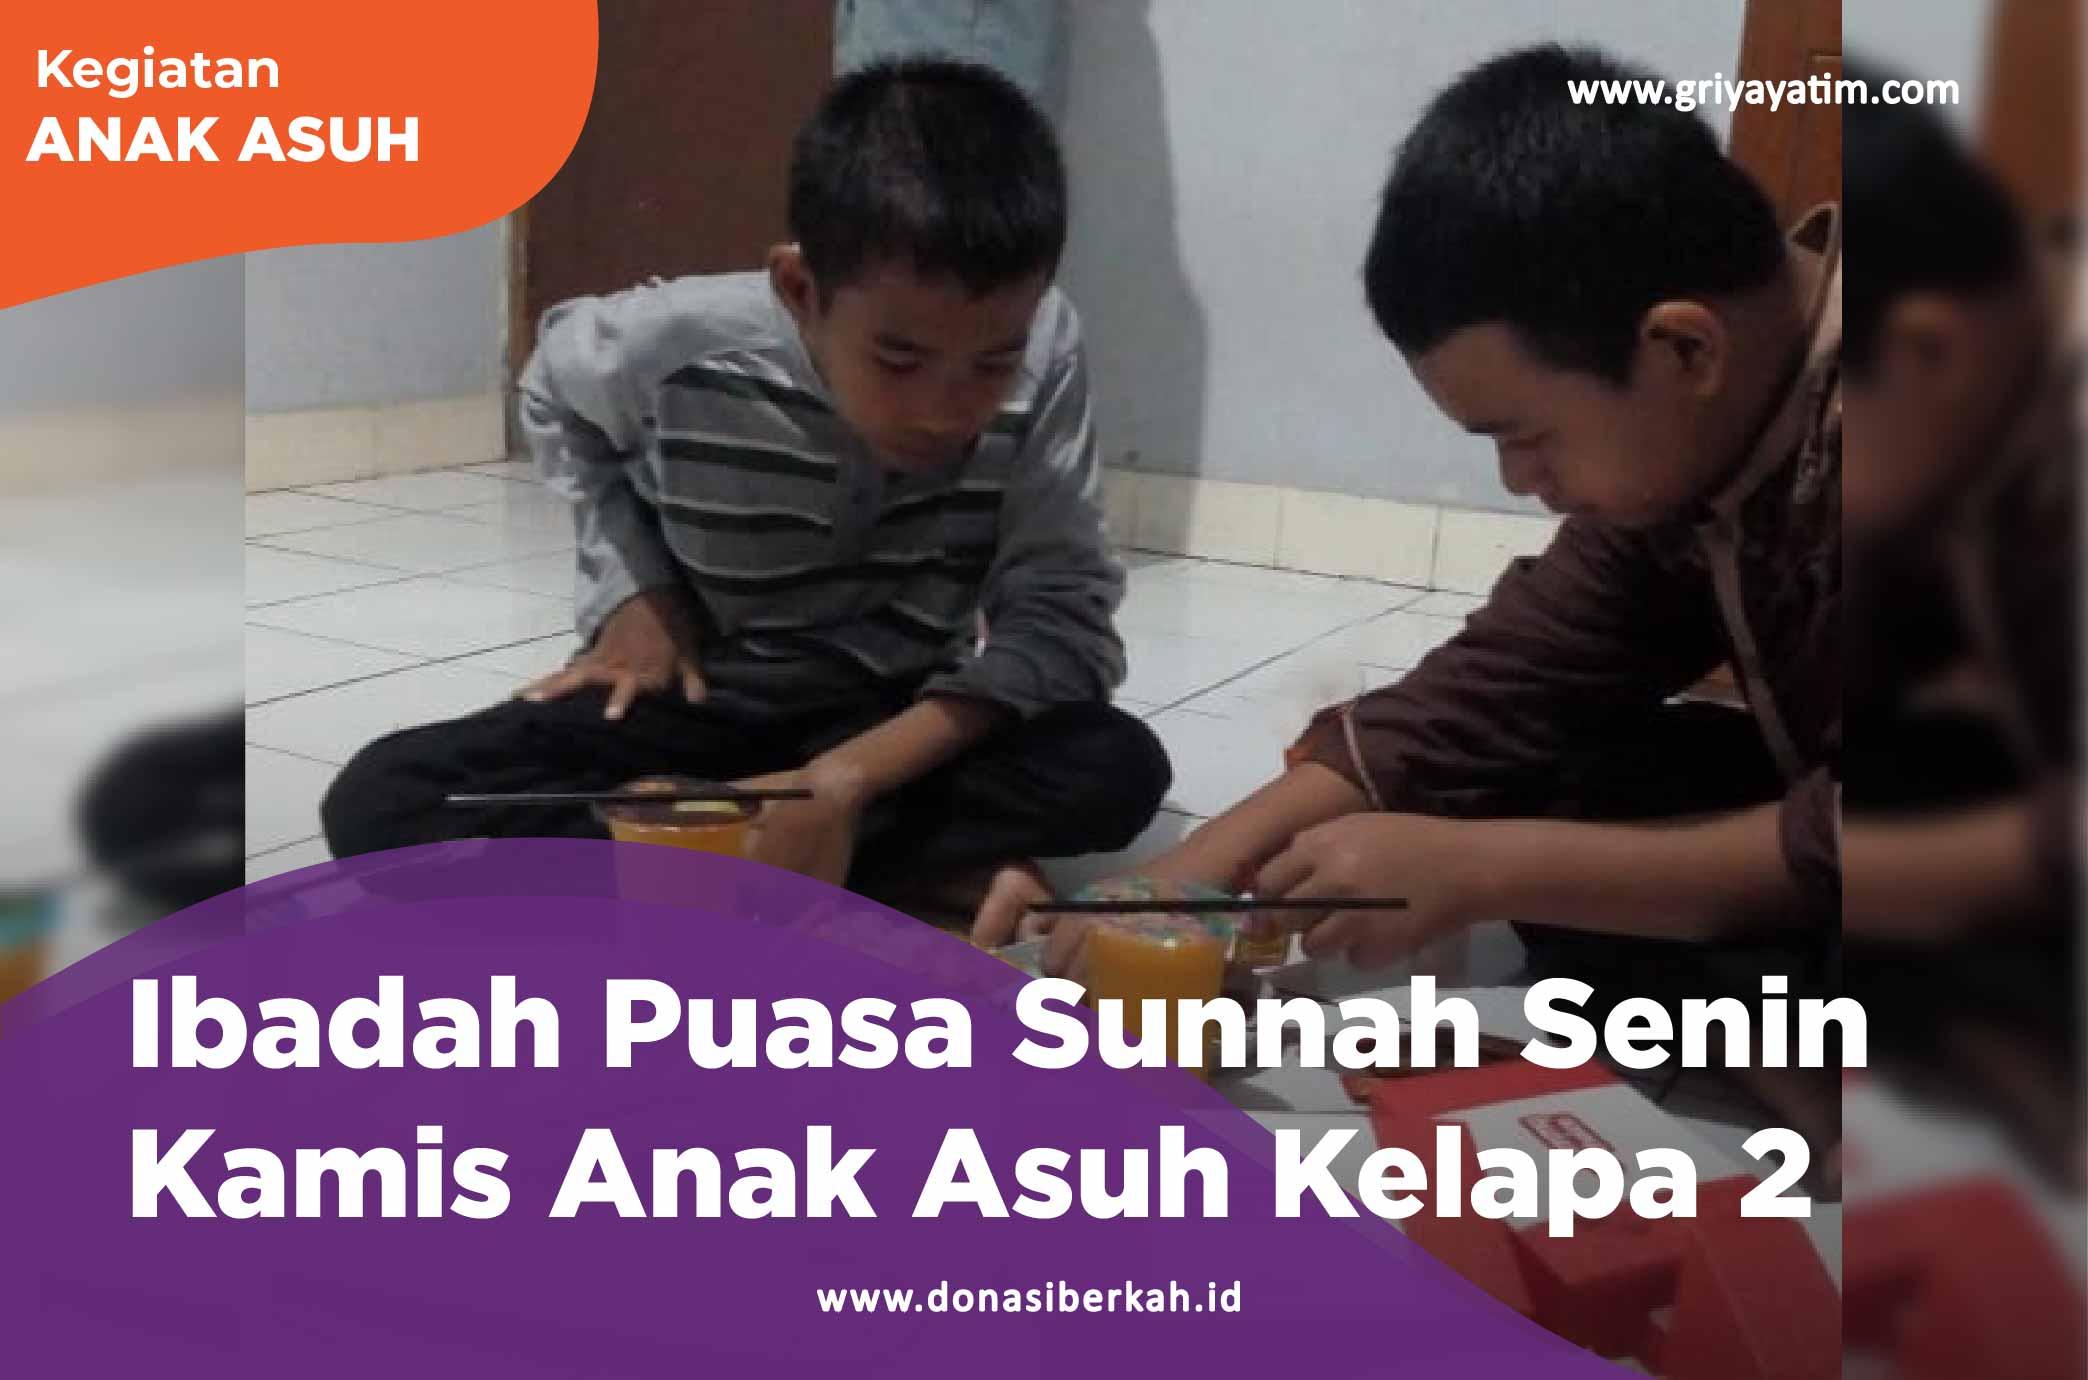 Ibadah Puasa Sunnah Senin Kamis Anak Asuh Kelapa 2